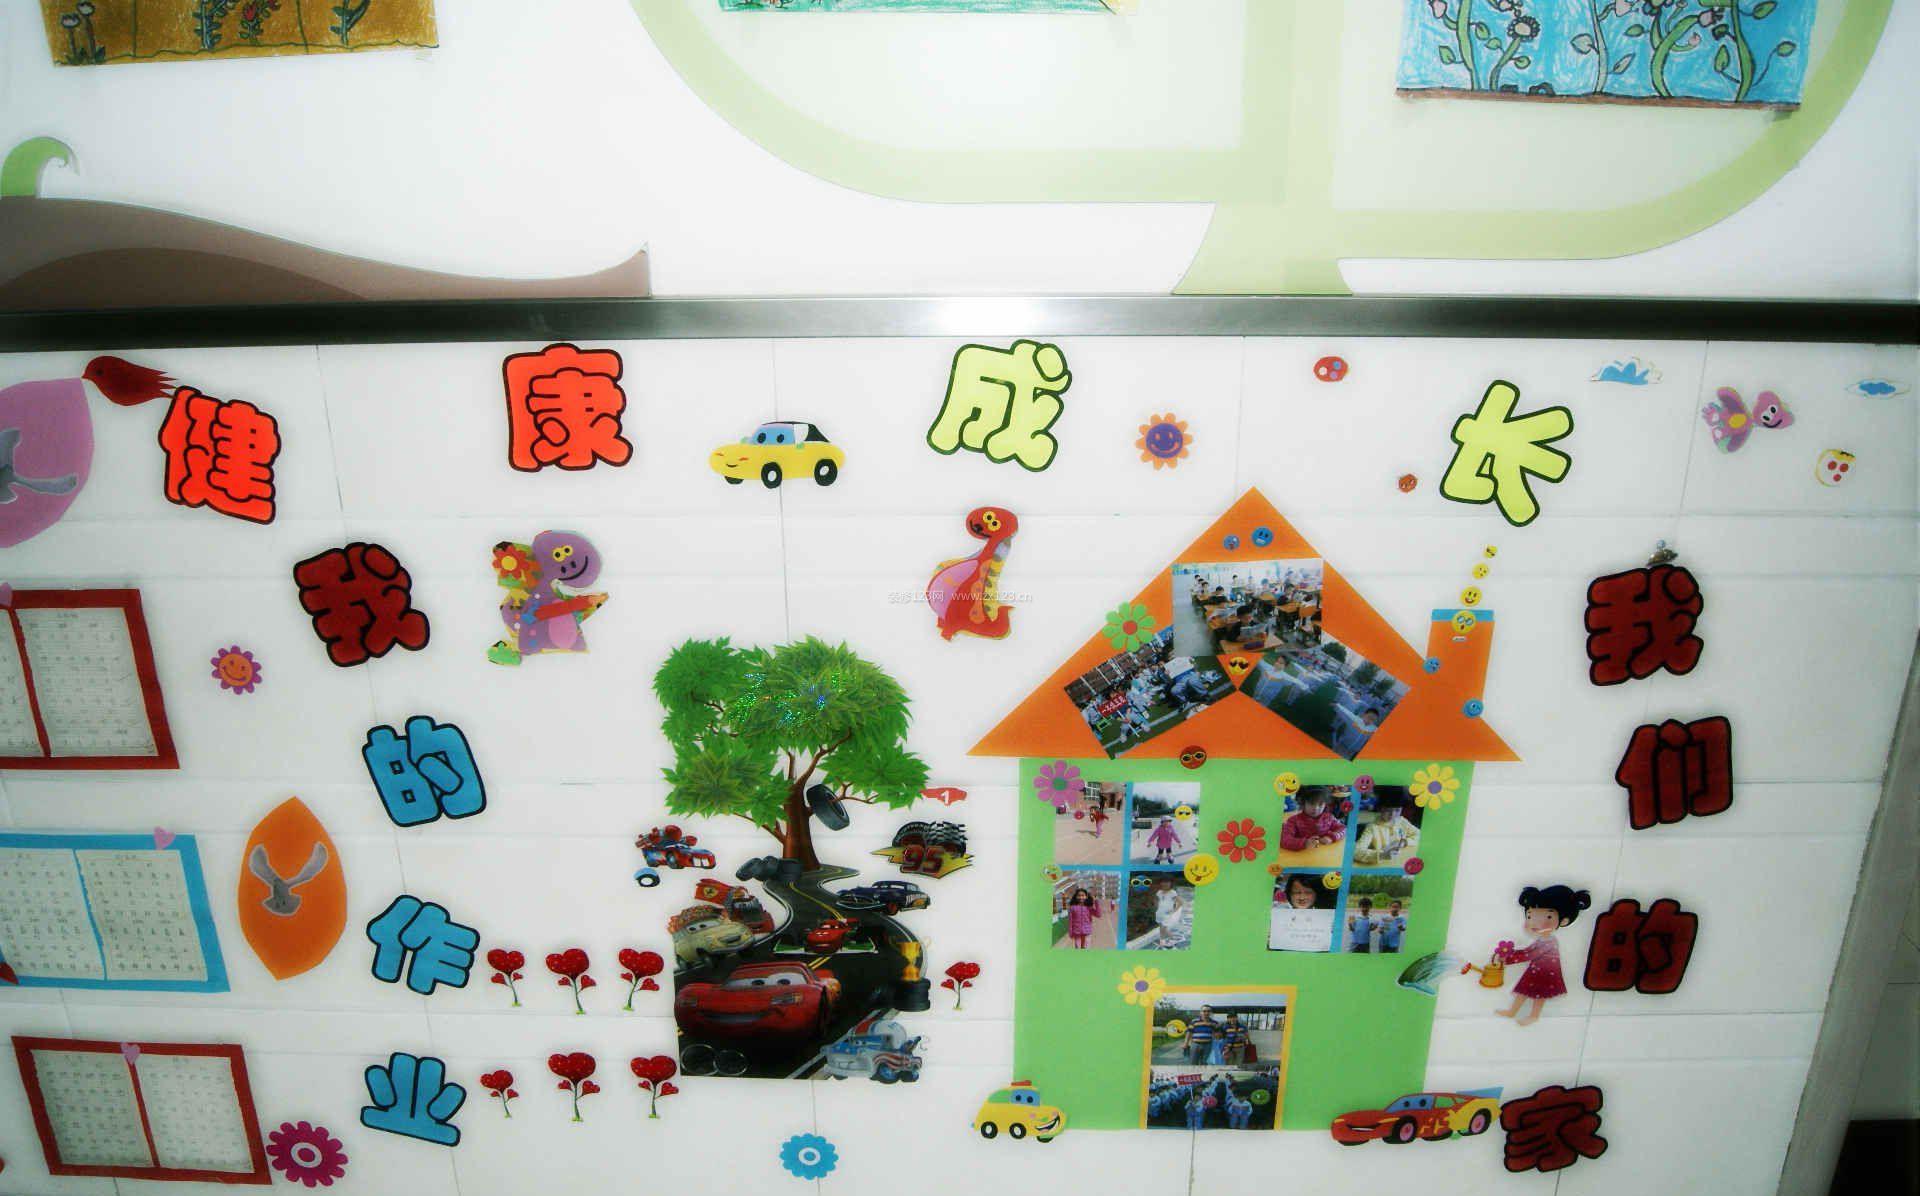 校园教室文化墙布置图片